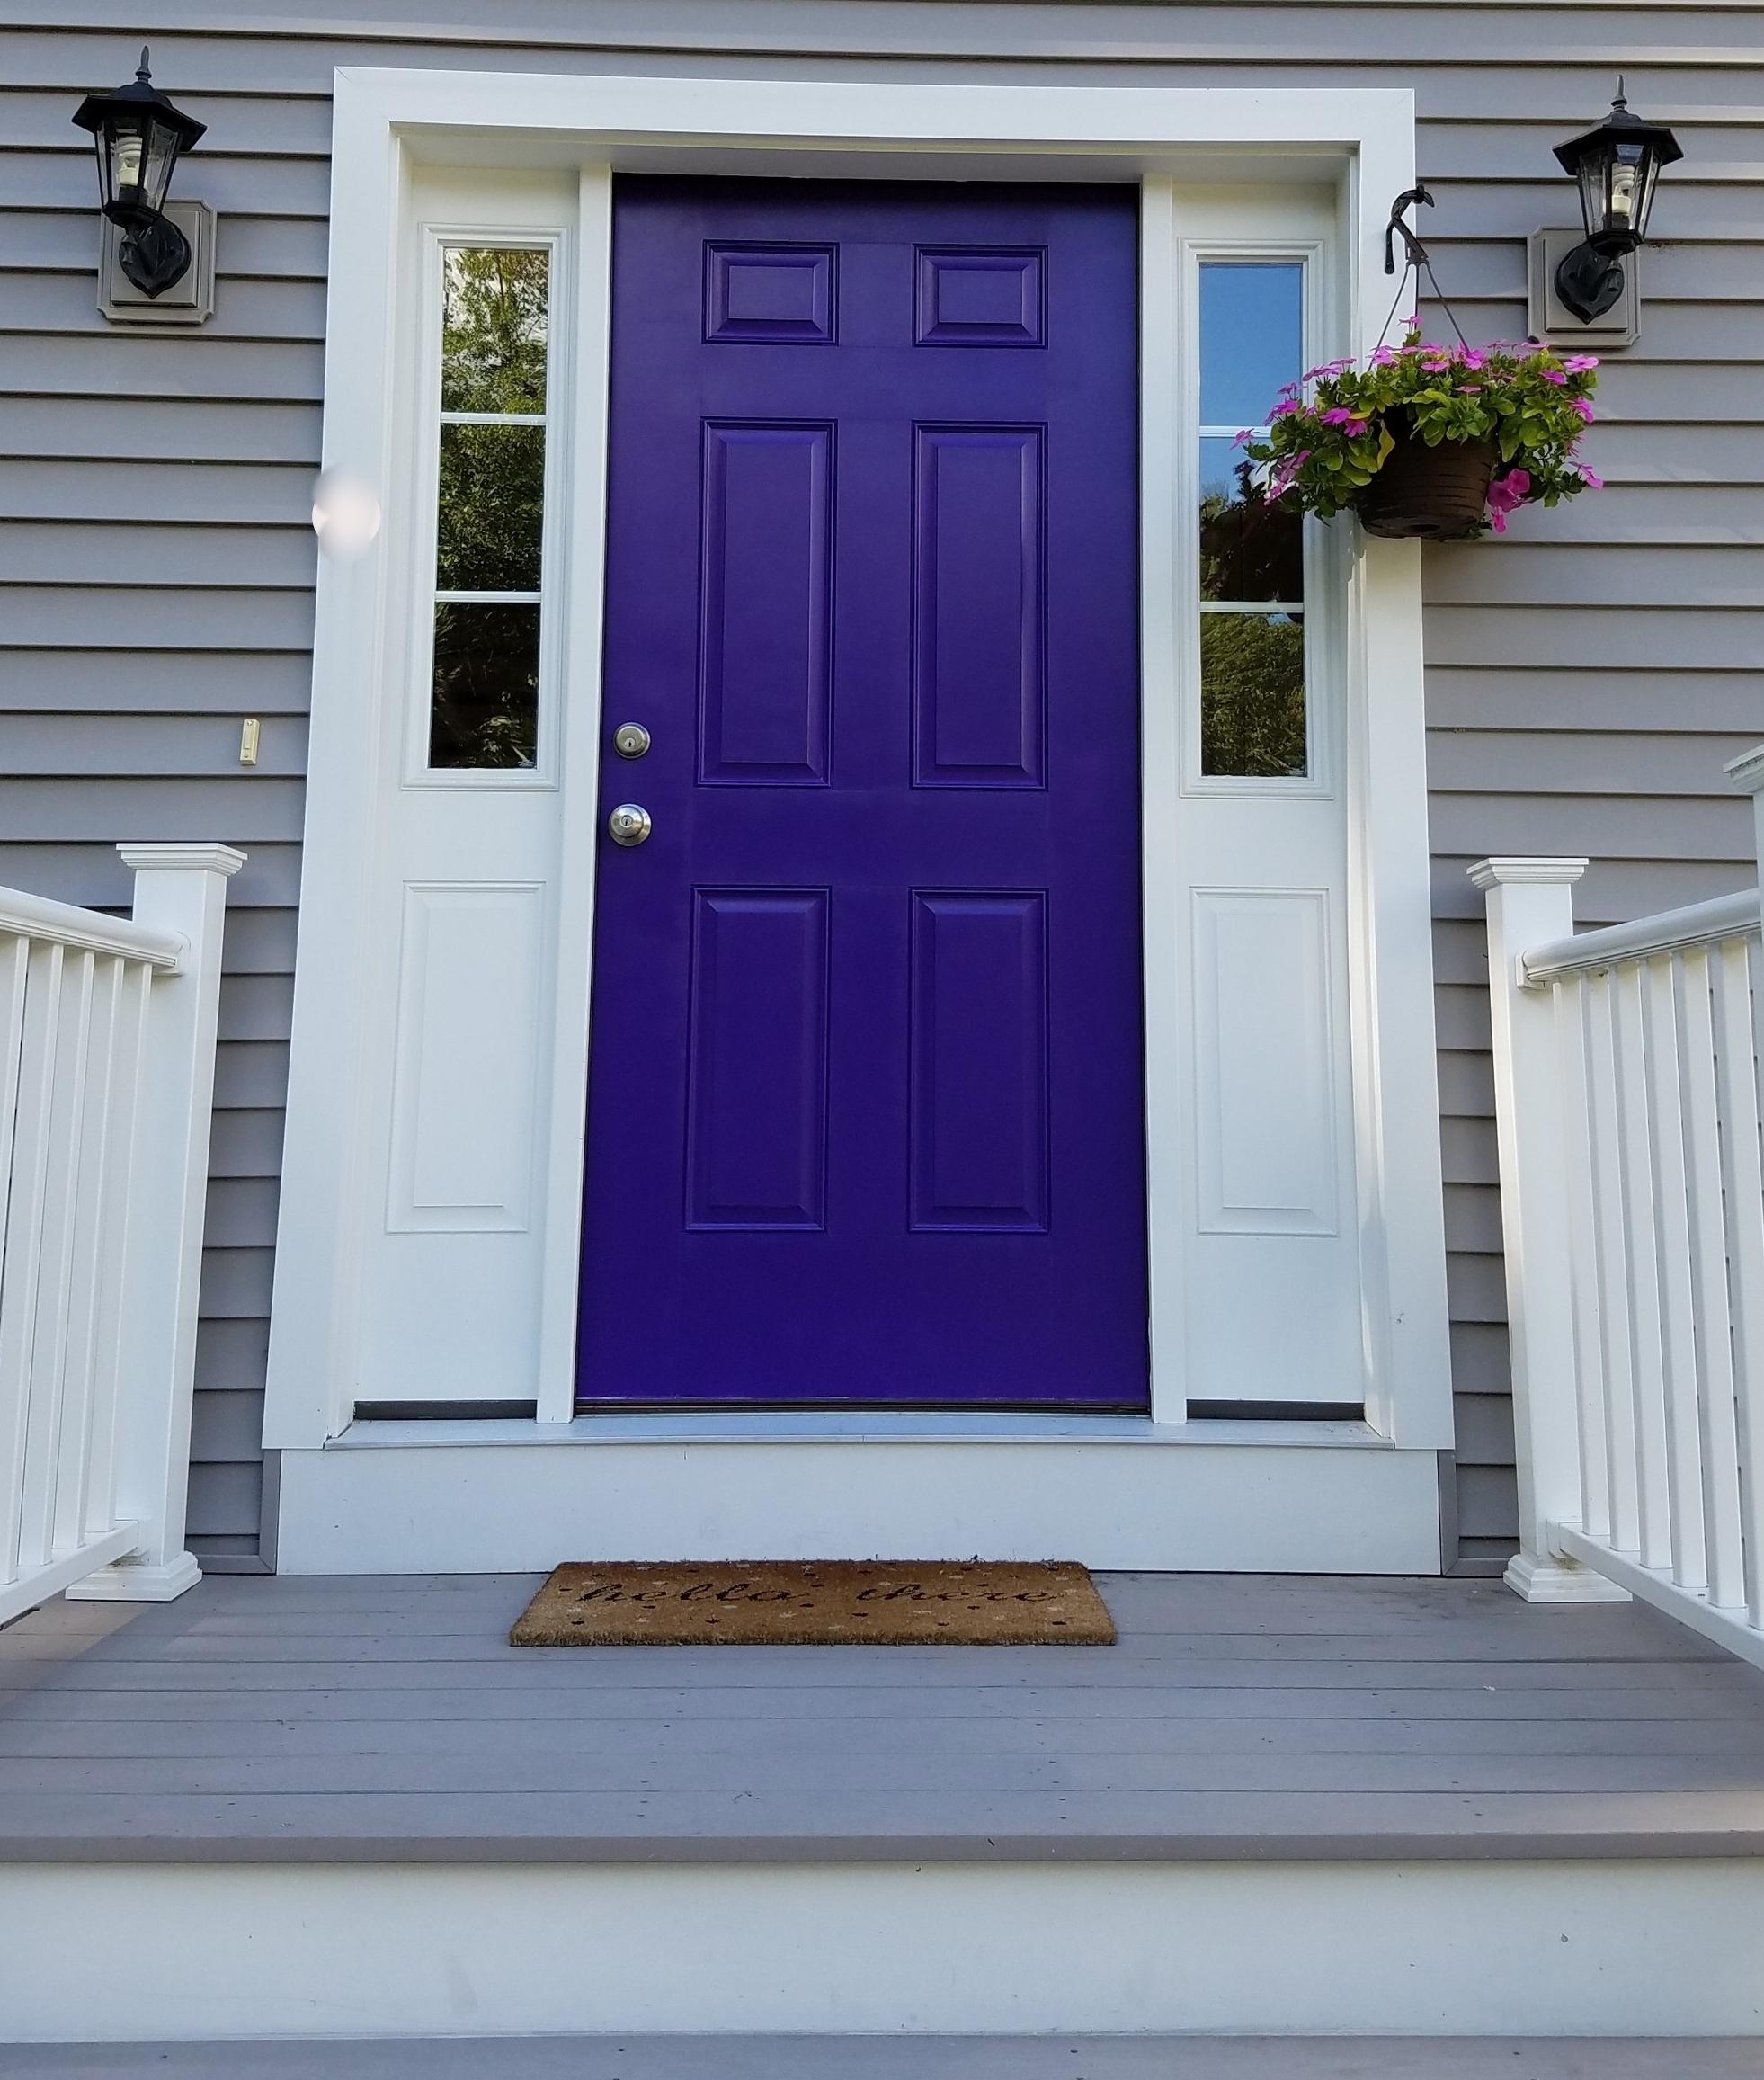 Purple front door painted